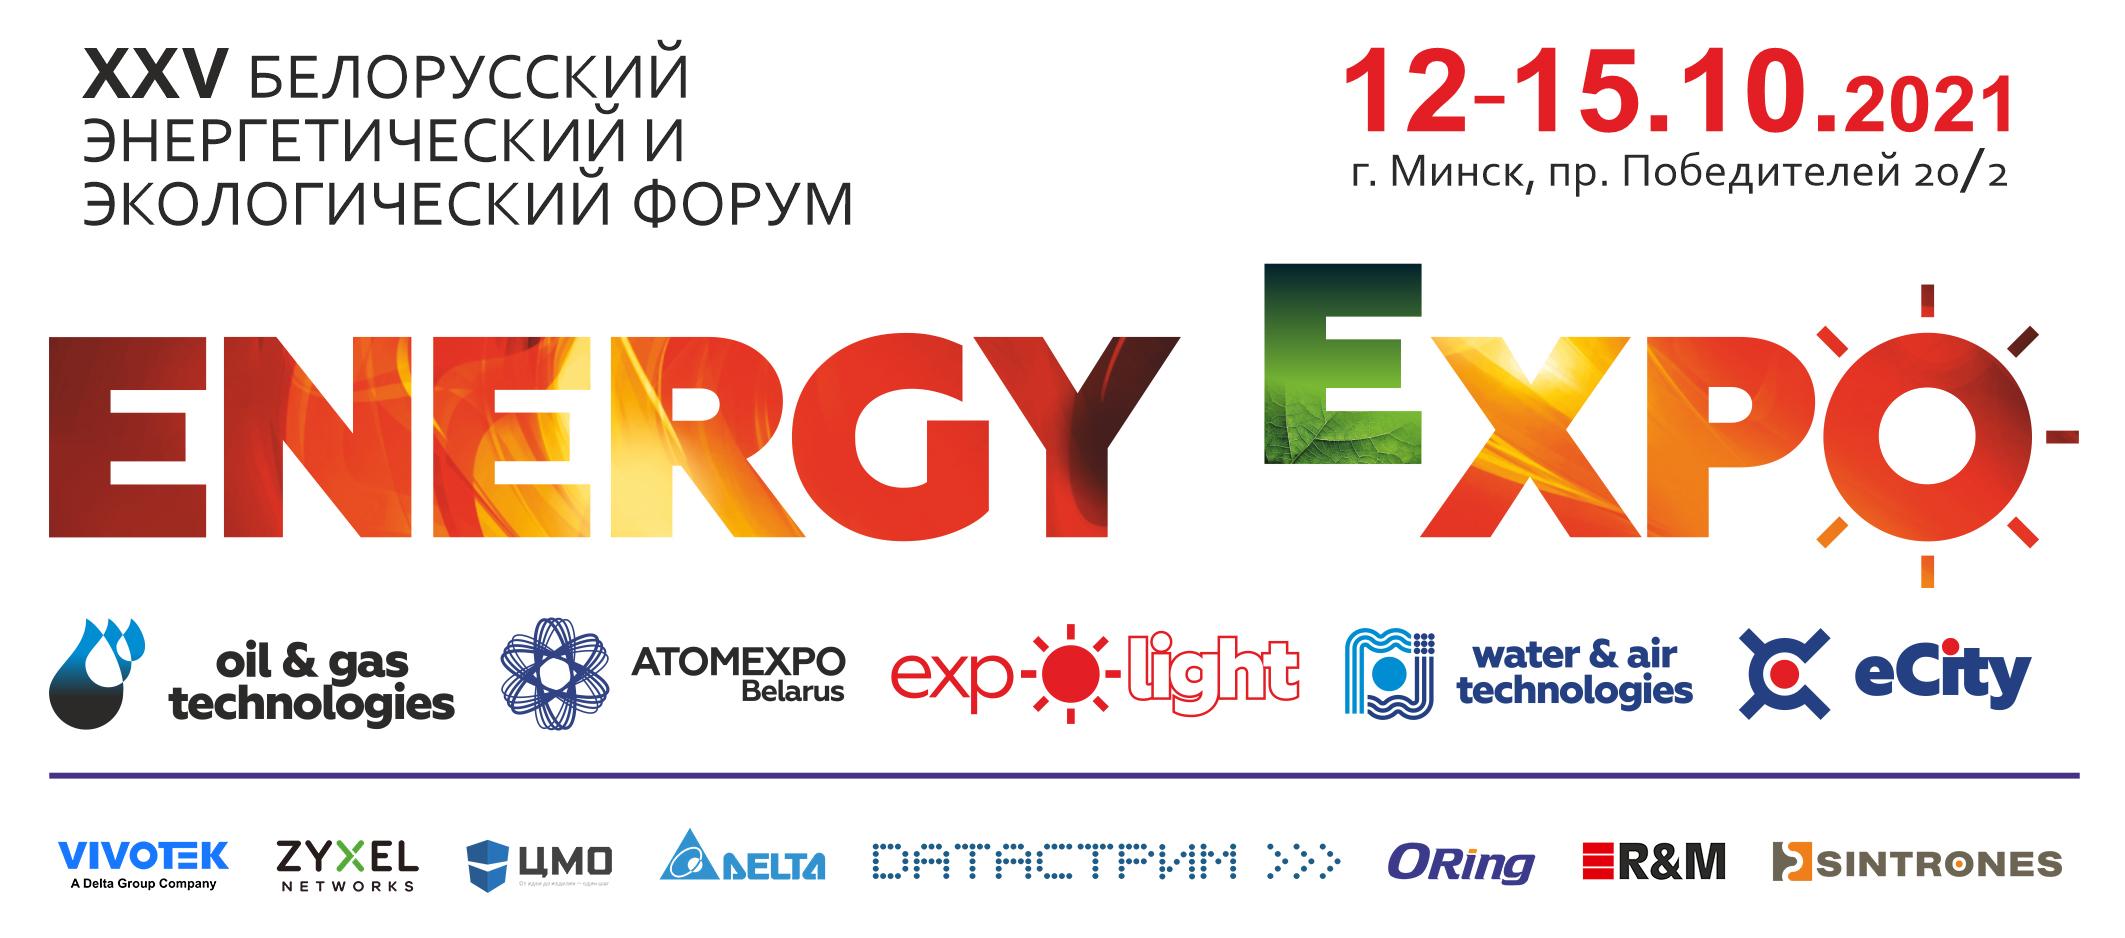 Участие в 25-м Юбилейном Белорусском энергетическом и экологическом форуме «Energy  Expo 2021». купить в Минске   Датастрим ДЕП